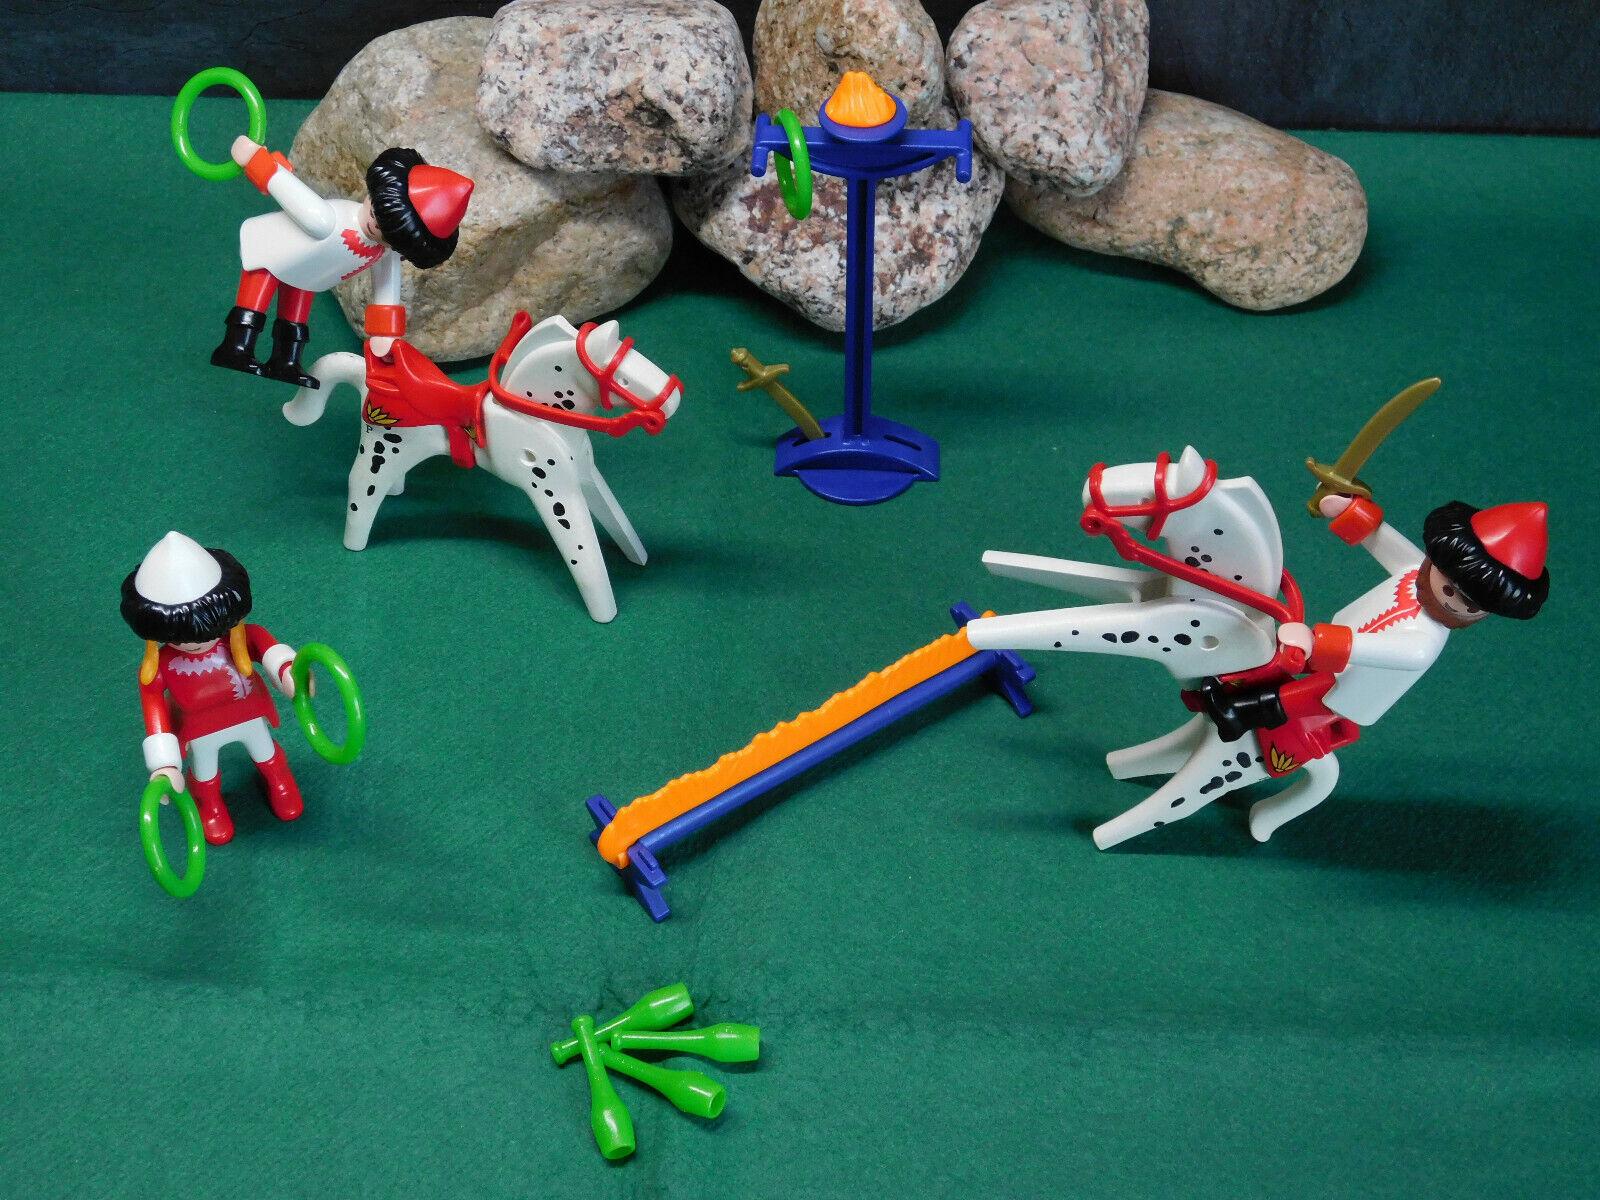 Playmobil Rarität Rarität Rarität Kunstreiter 3810-A 1995, Komplett-Set ohne OVP  | Exquisite (mittlere) Verarbeitung  ce4e78